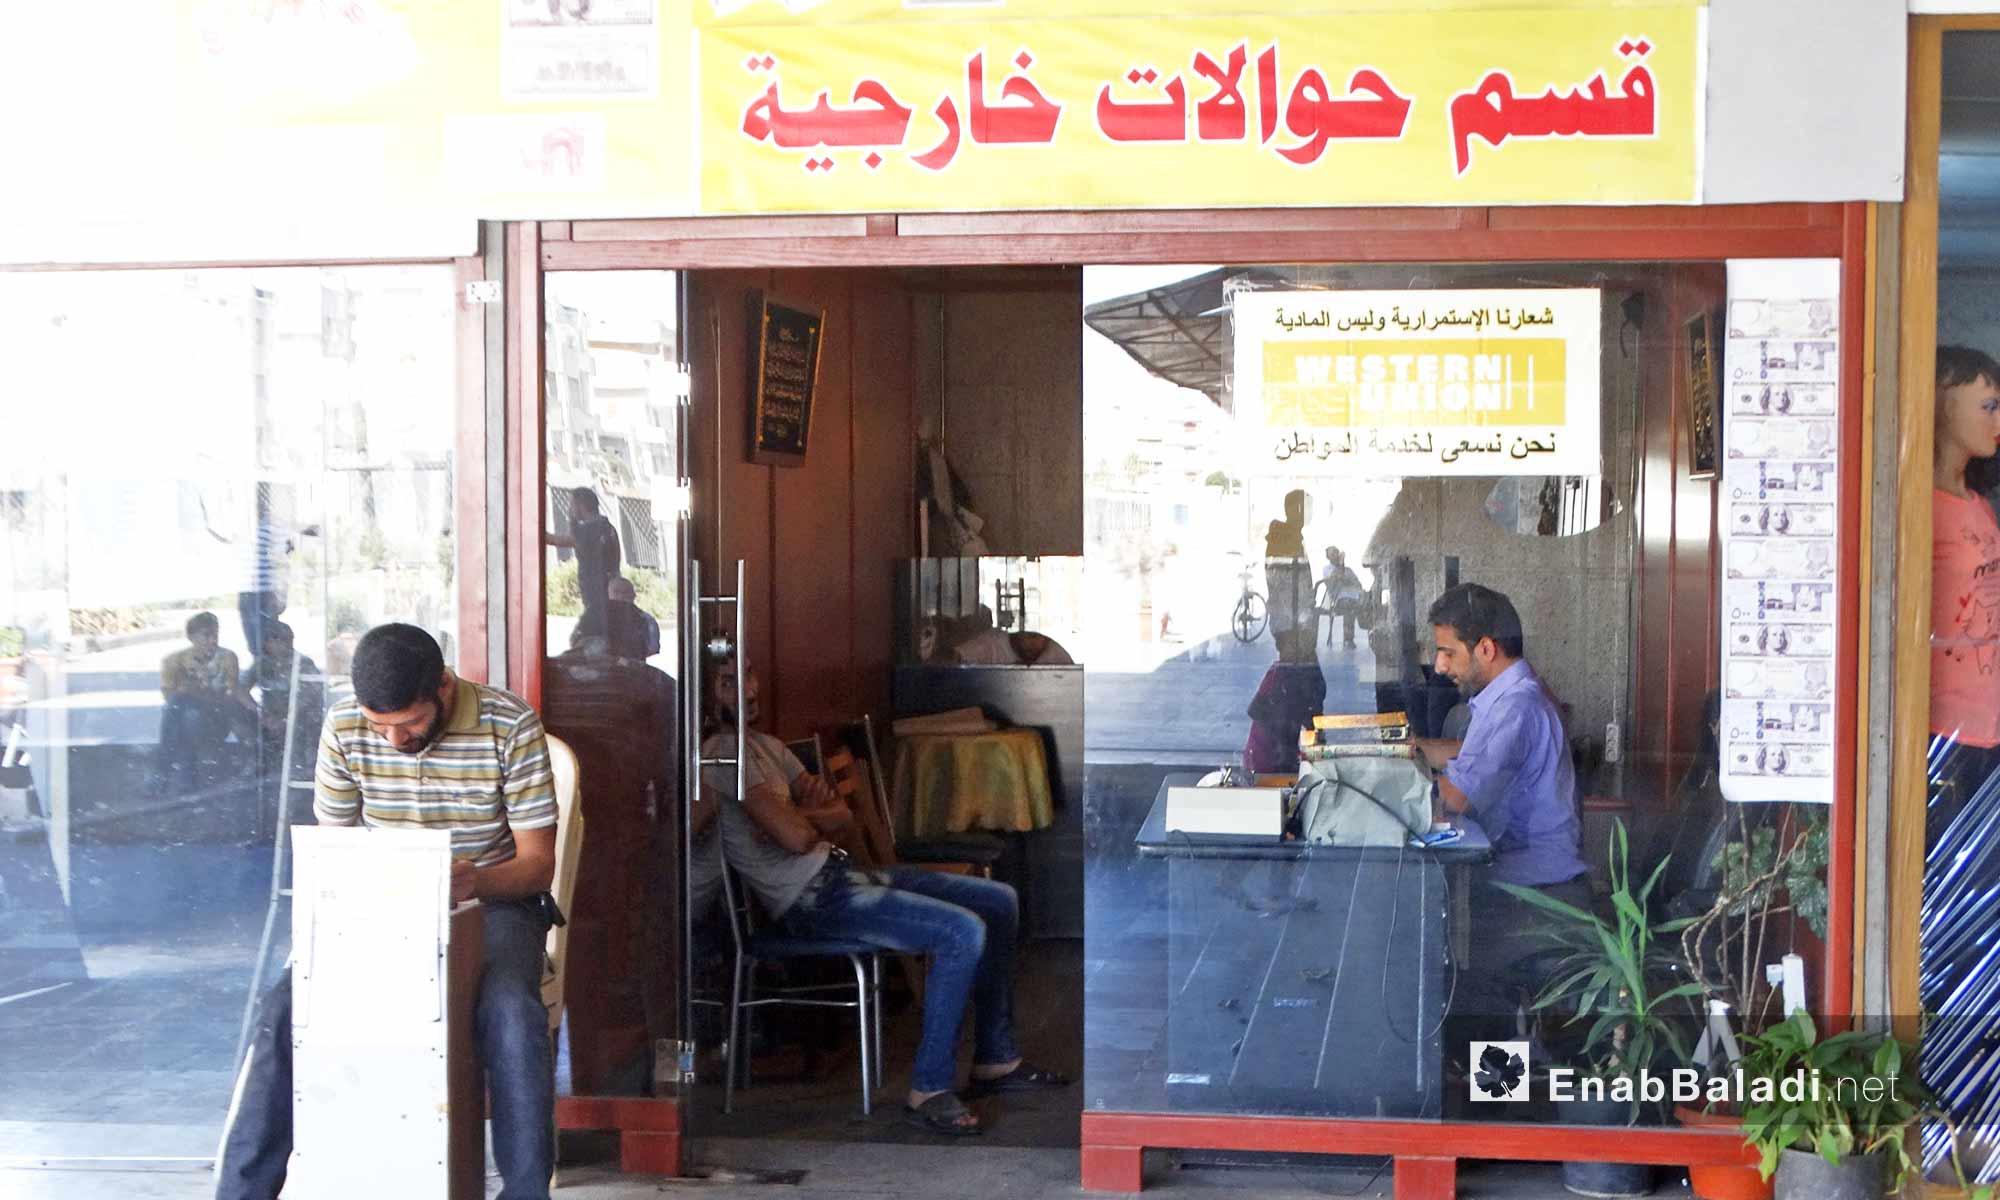 مكتب حوالات مالية في حي الوعر بحمص - 11 تشرين الأول 2016 (عنب بلدي)